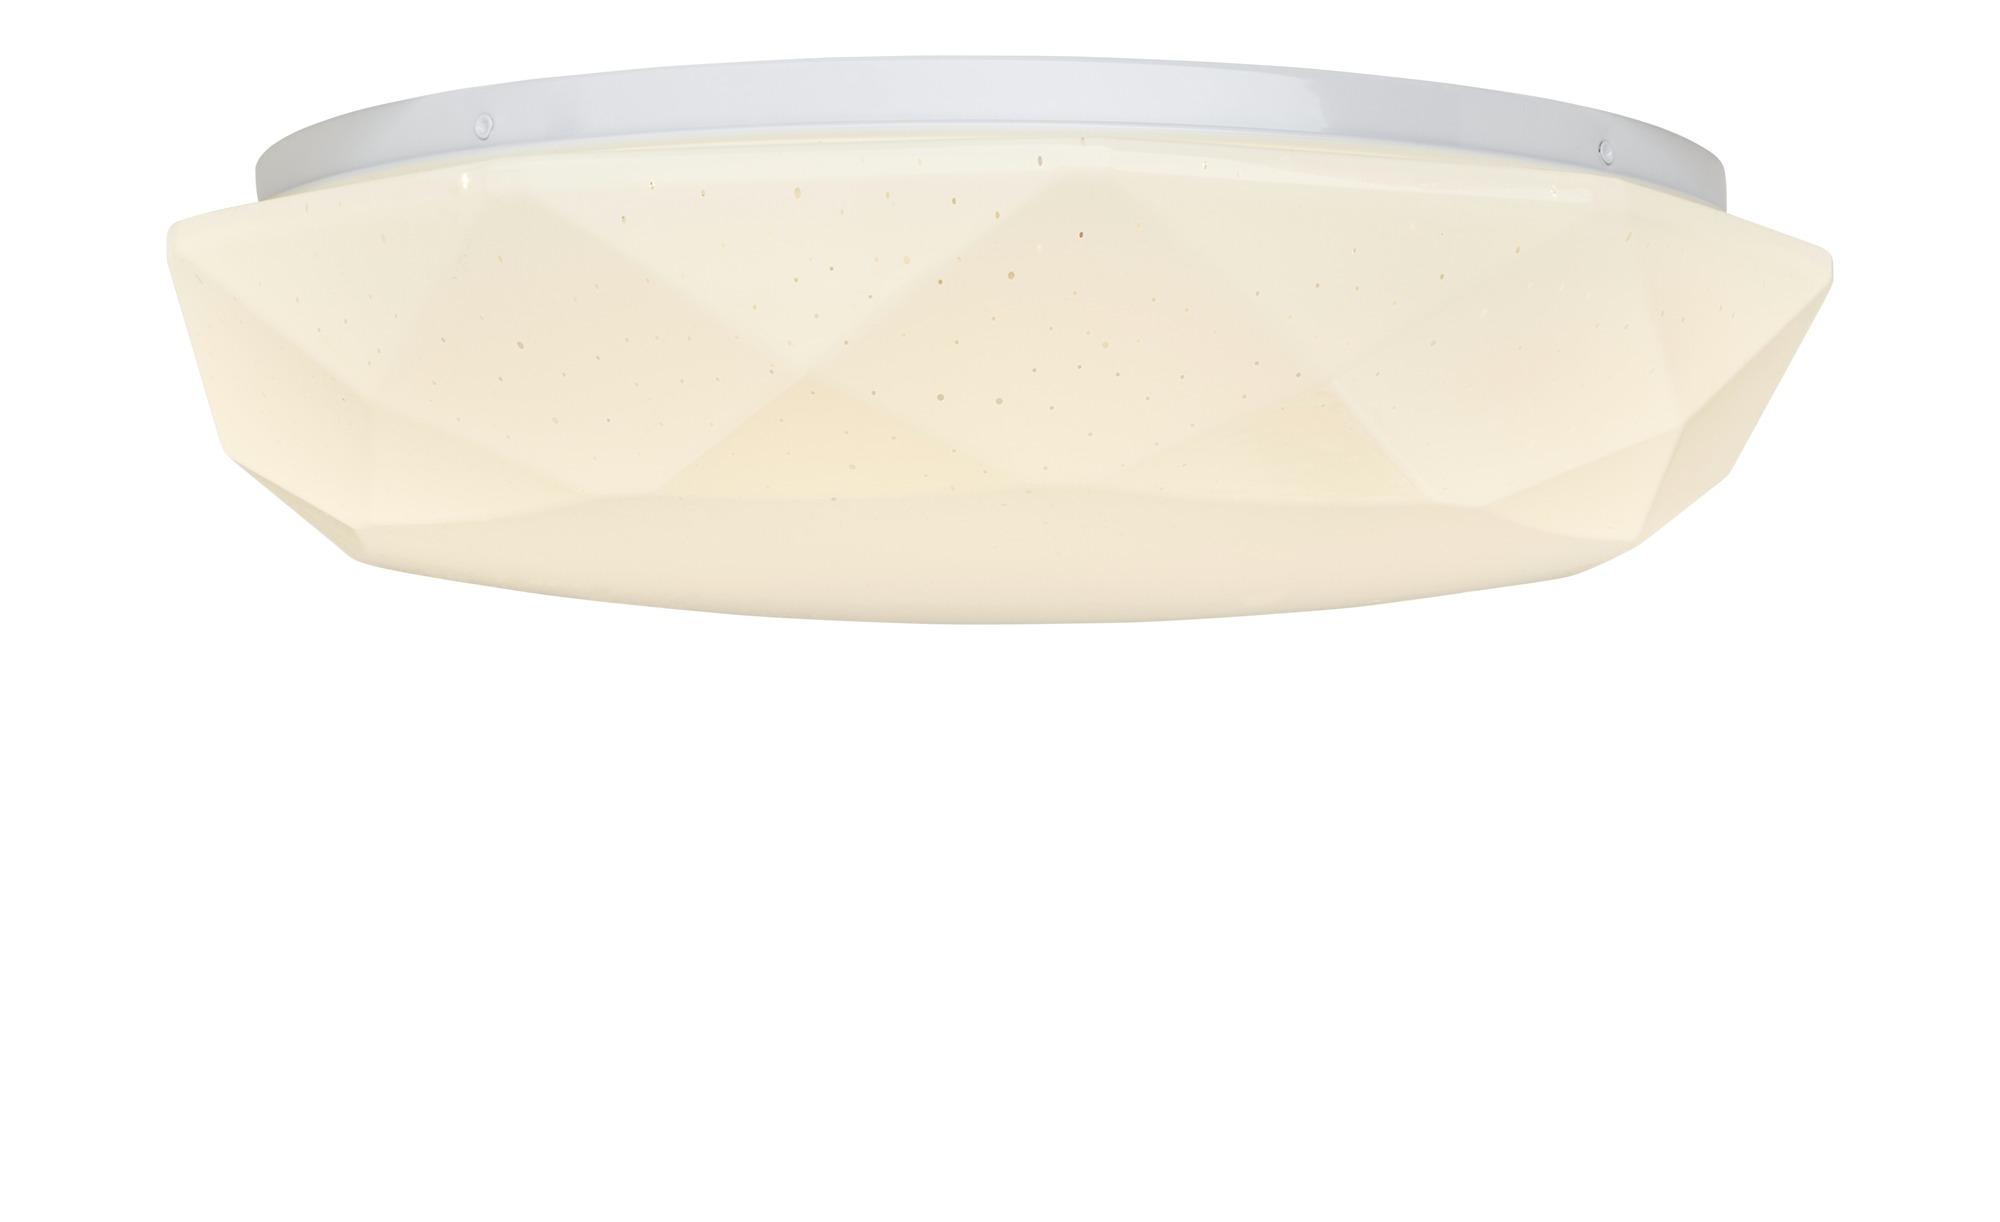 KHG LED-Deckenleuchte, 1-flammig ¦ weiß ¦ Maße (cm): H: 11 Ø: [40.5] Lampen & Leuchten > Innenleuchten > Deckenleuchten - Höffner